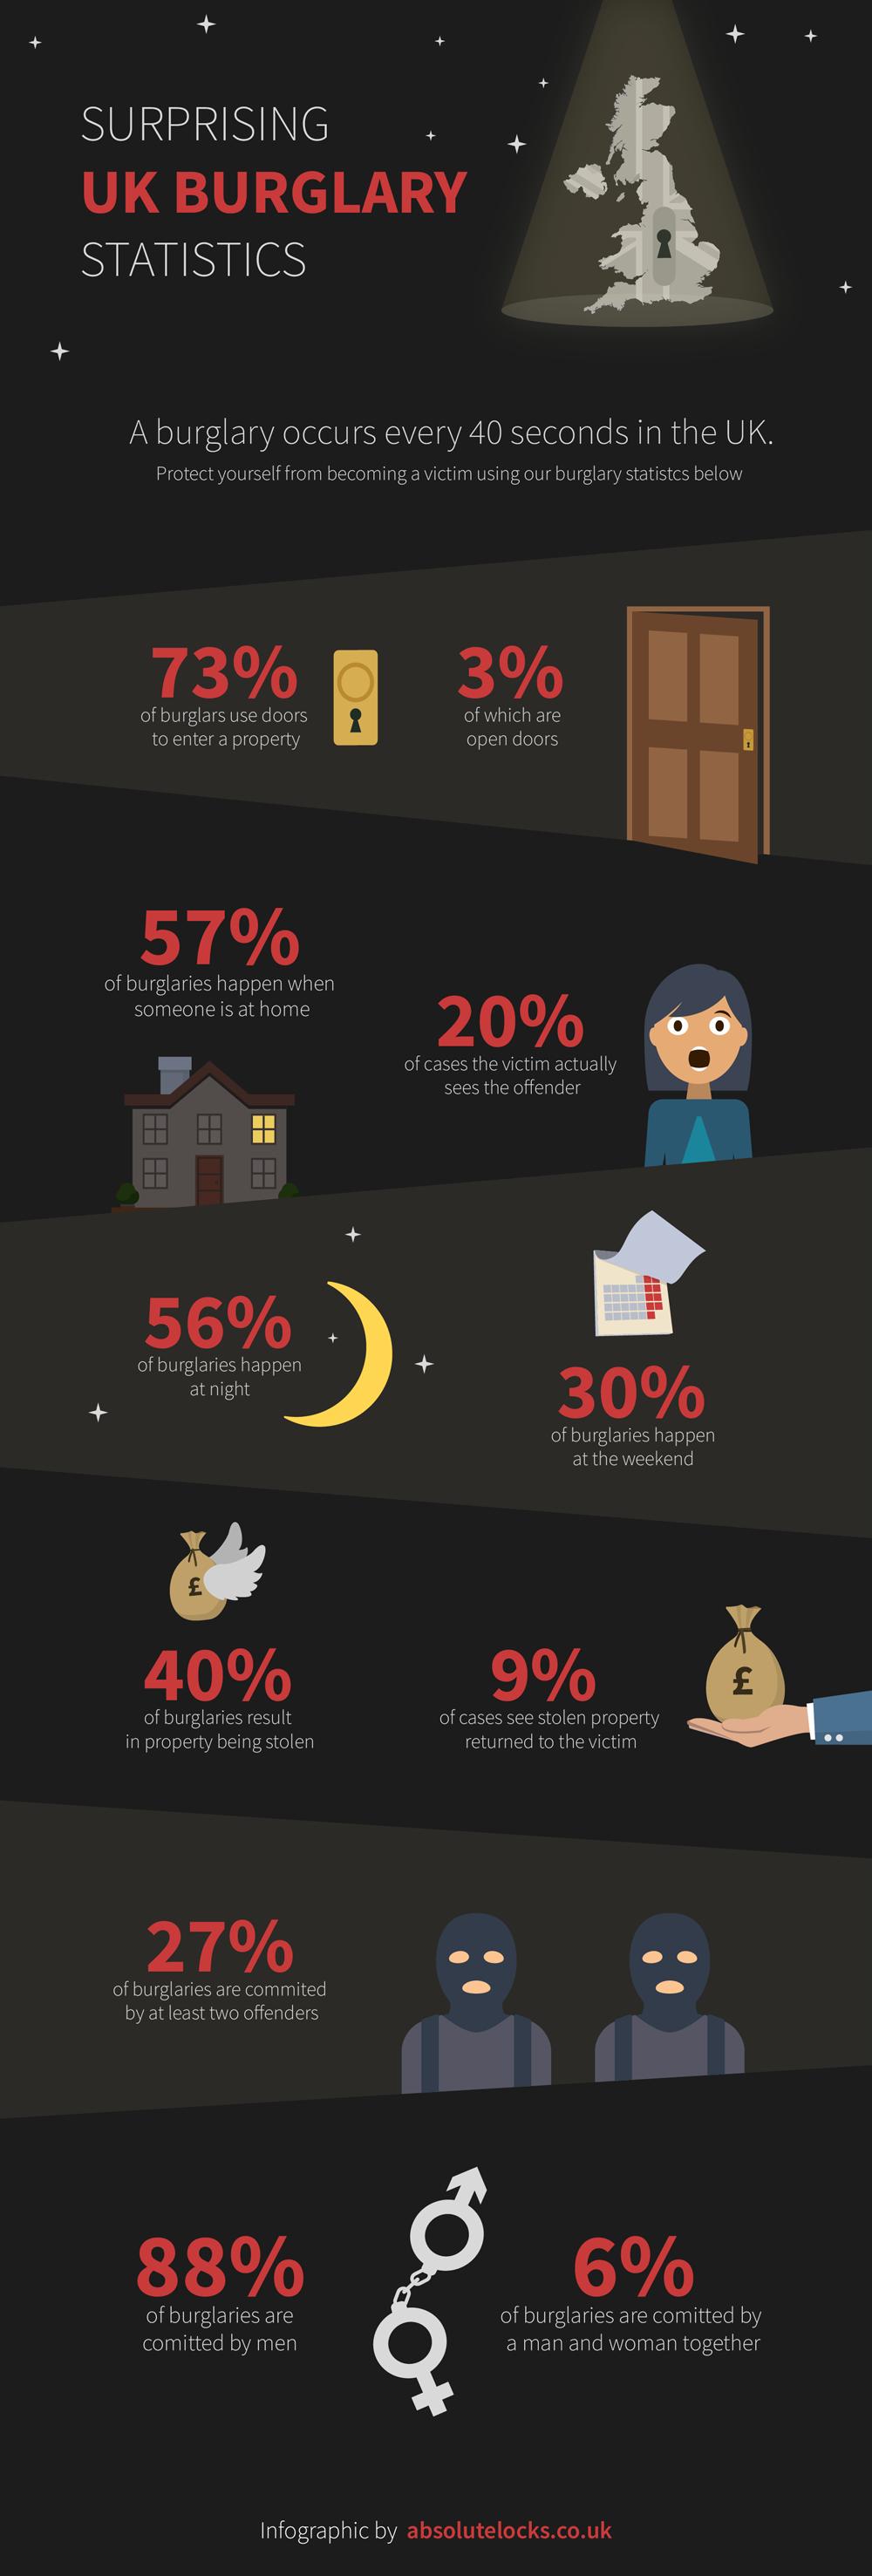 Surprising UK Burglary Statistics